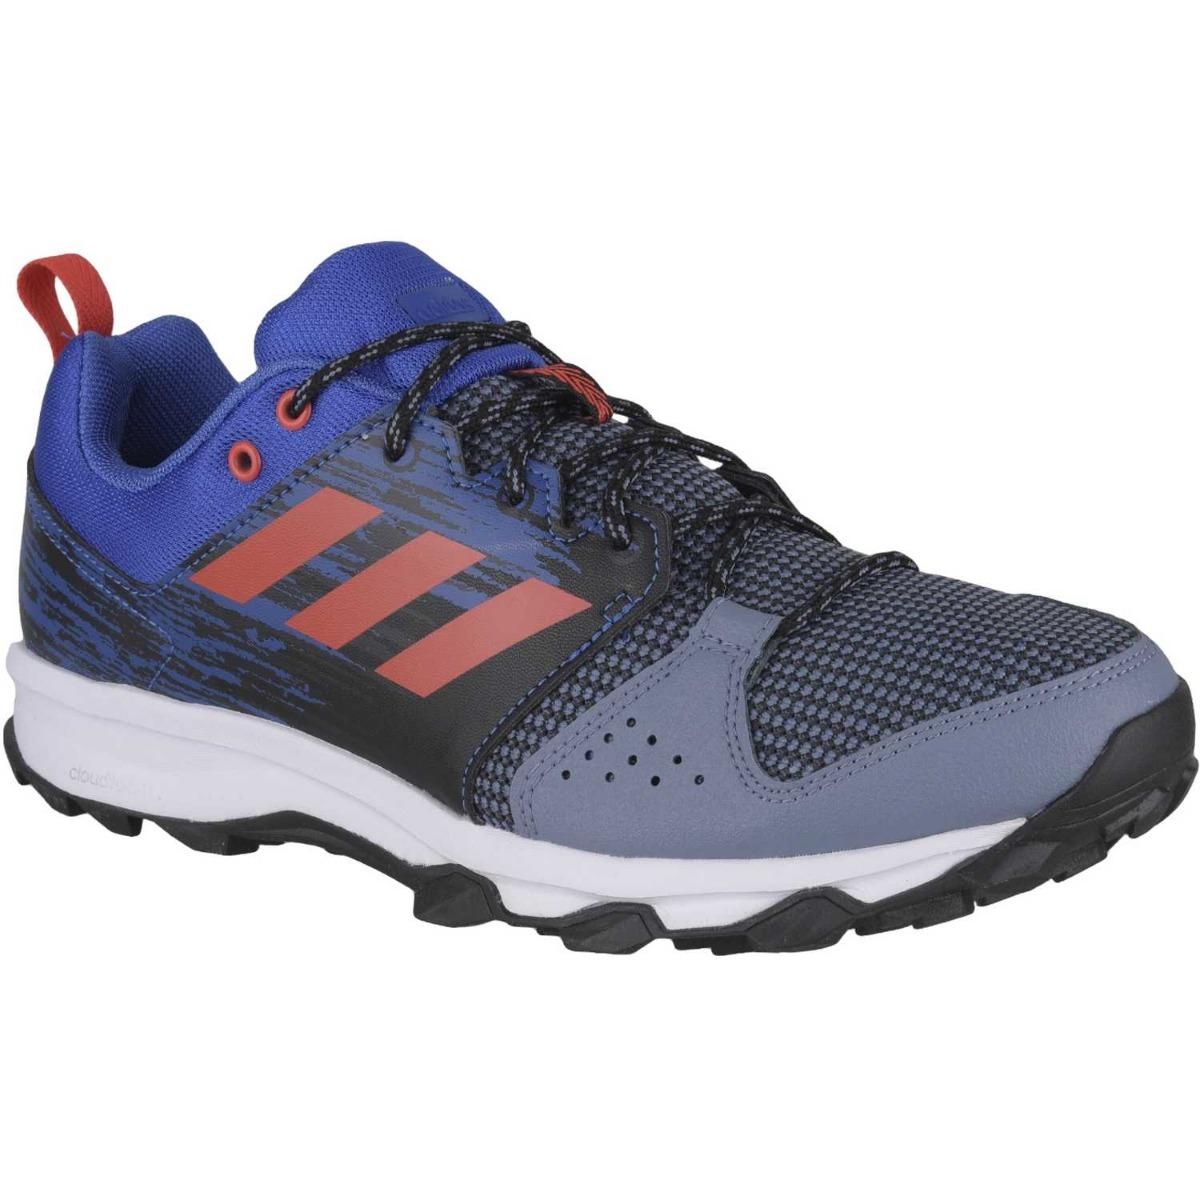 Trail Galaxy Cj Zapatillas Store Adidas Originl Lisel Hombre YW29EDIH